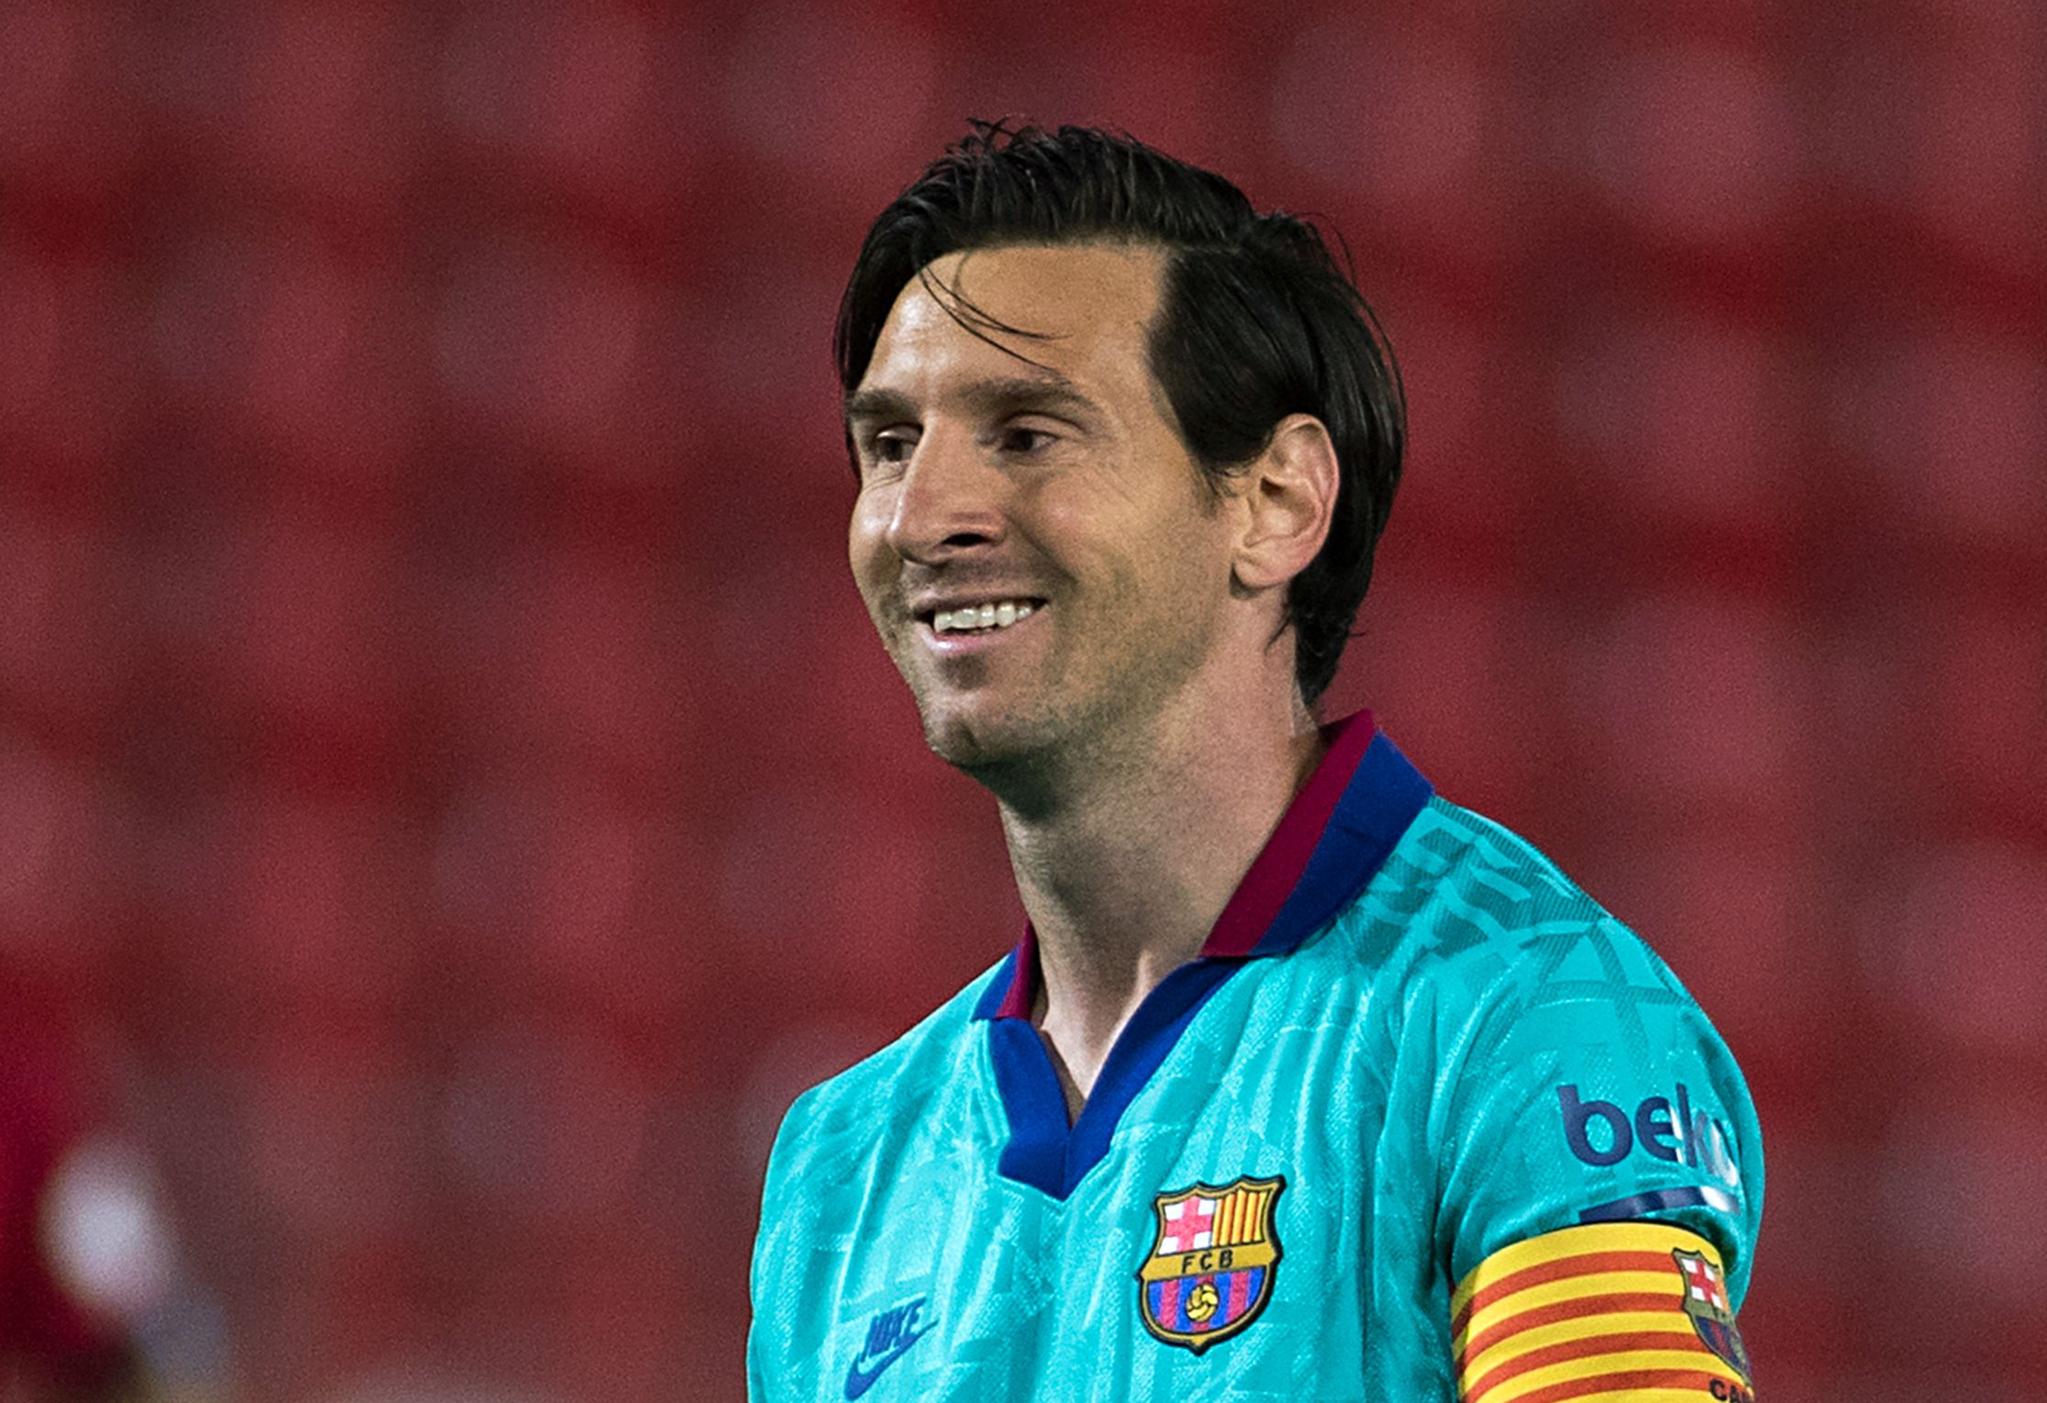 14일 마요르카전에서 1골 2도움을 올려 대승을 이끈 바르셀로나 메시. [AFP=연합뉴스]